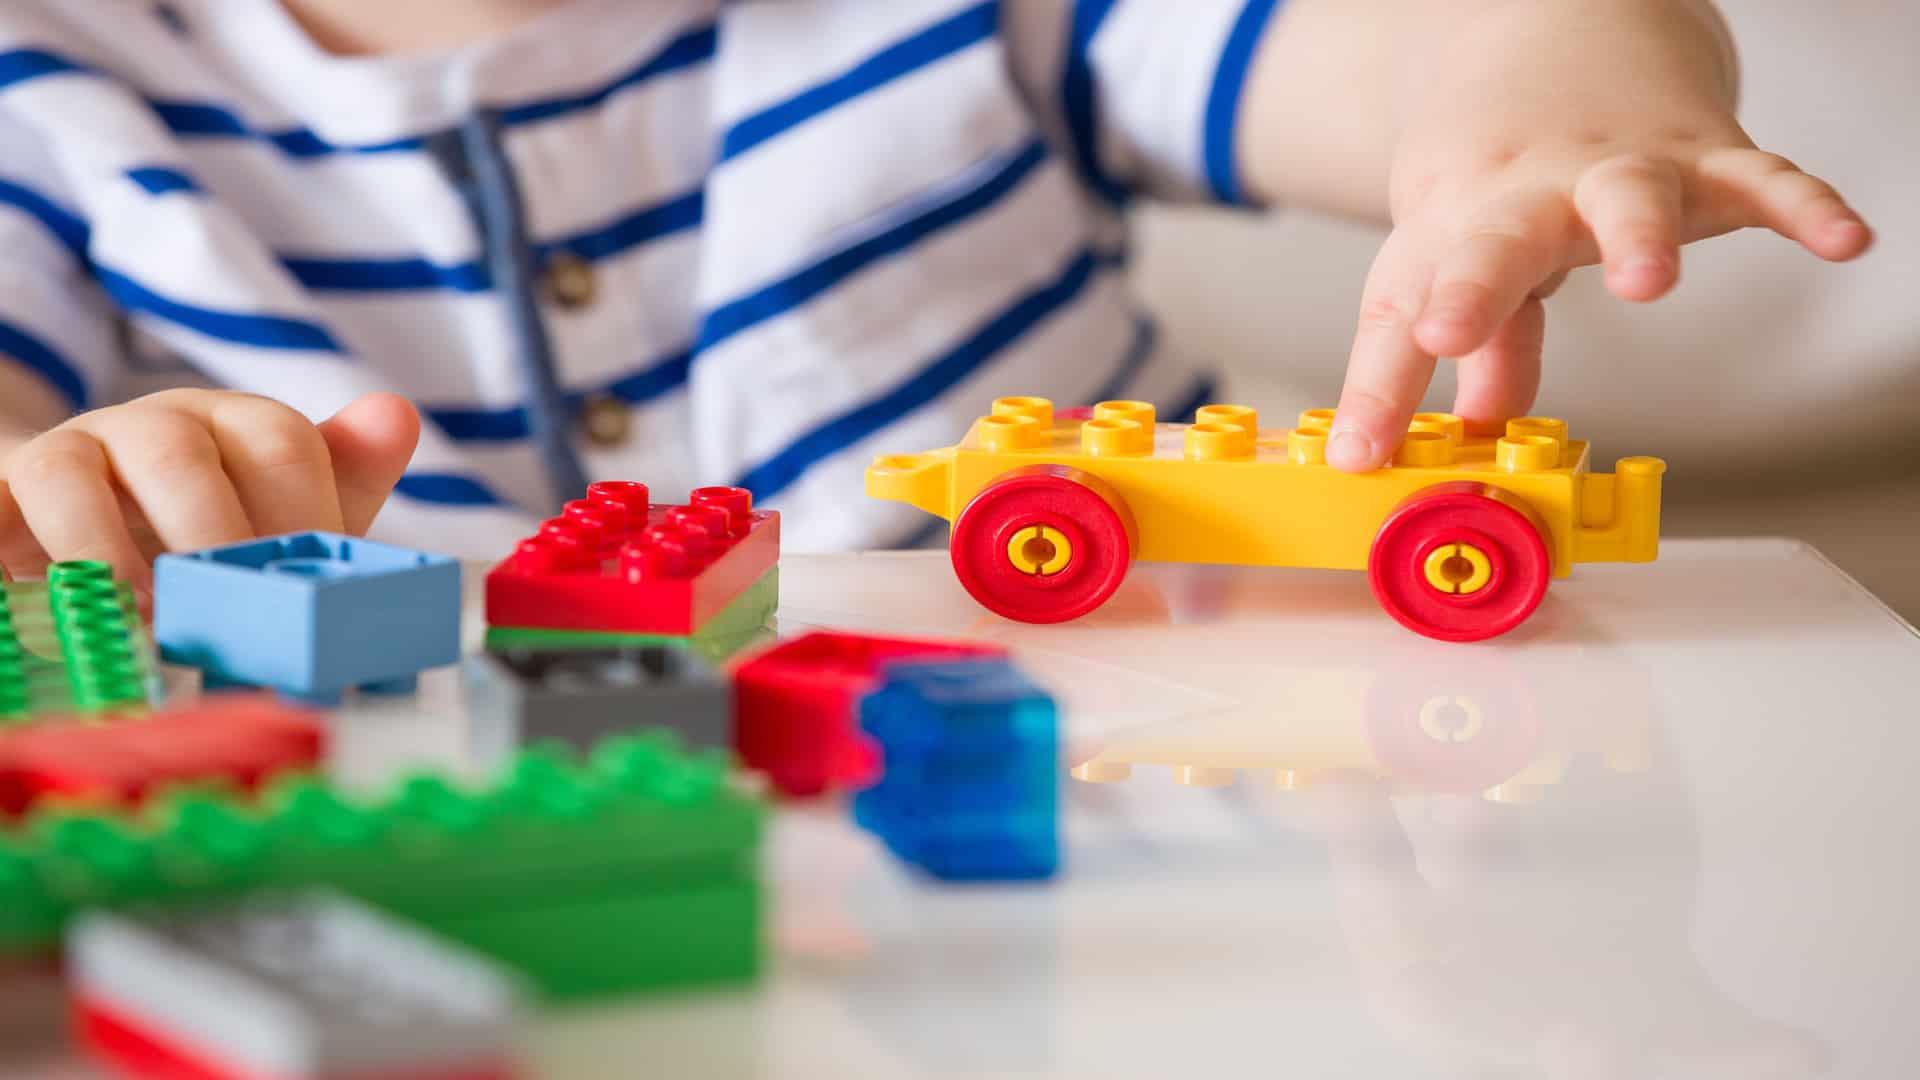 Miglior set LEGO 2021: Guida all'acquisto